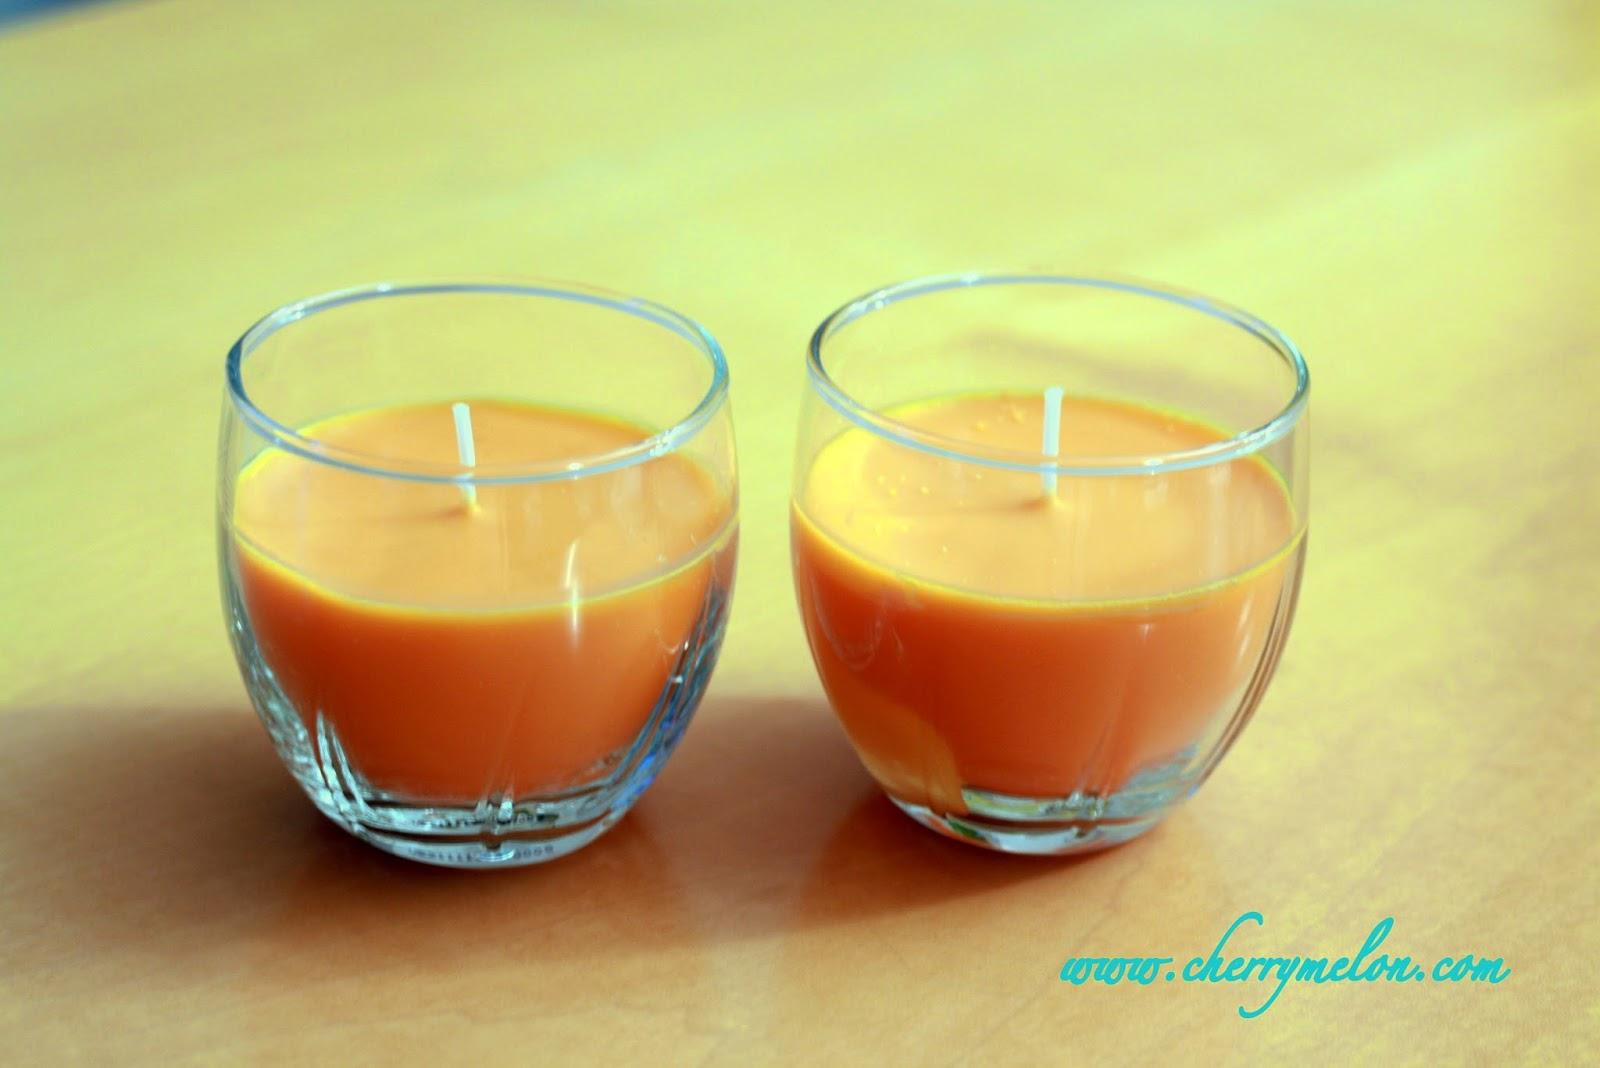 El blog de cherrymelon evitar y eliminar el olor a tabaco - Como eliminar el olor a tabaco ...